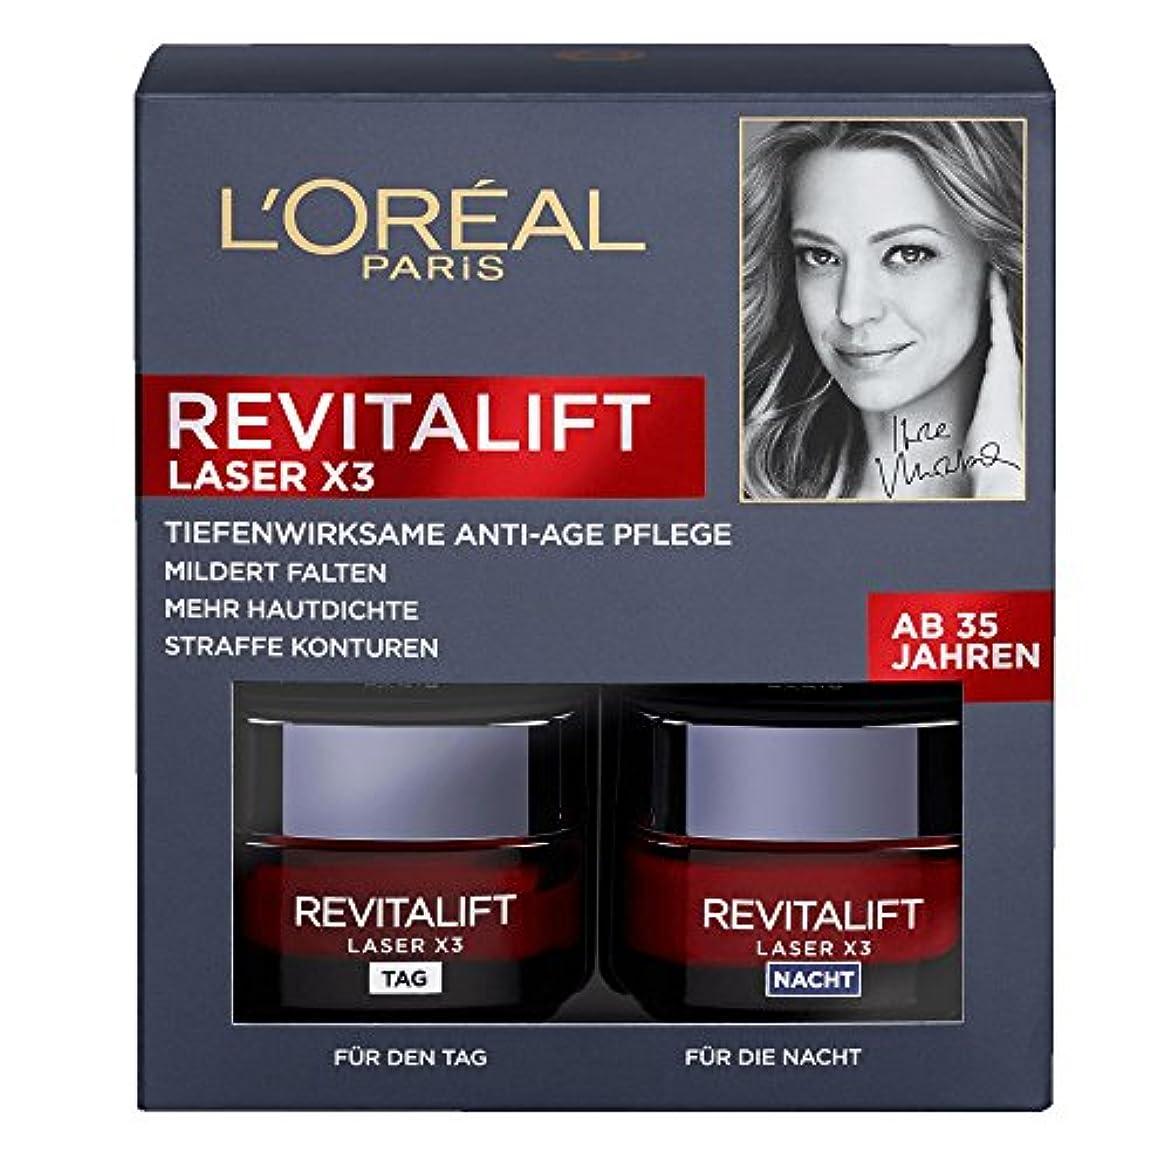 ちらつきパワーセルミルクロレアル パリ リバイタリフト レーザーX3 ナイトクリームマスク L'Oreal Revitalift Laser Anti-Age LaserX3 Night Cream+Day Cream Set [並行輸入品]